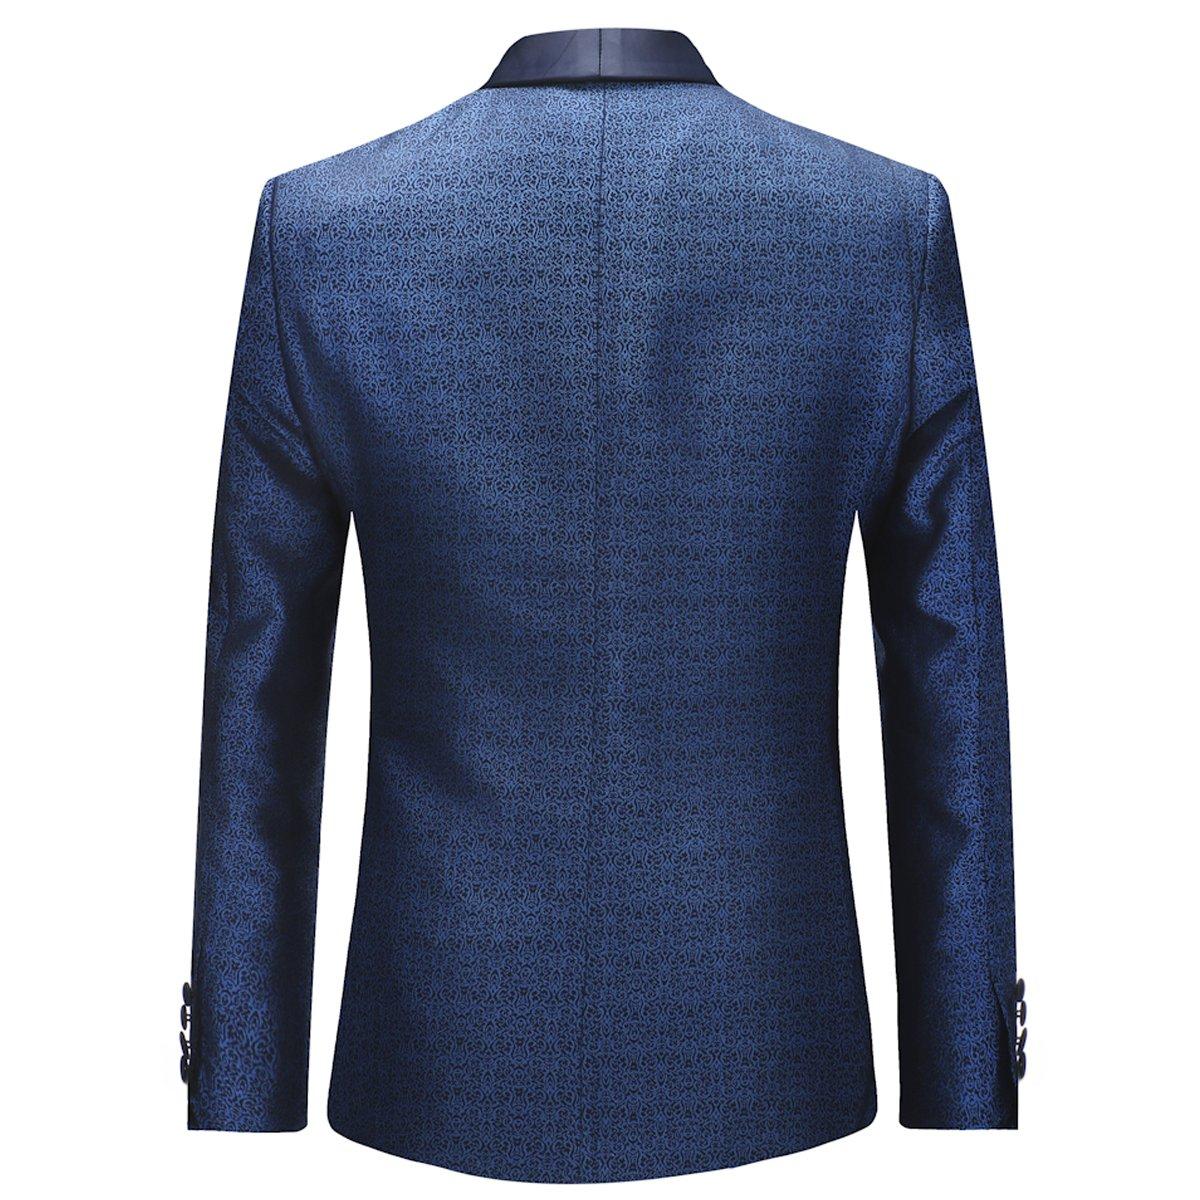 Sliktaa Costume Homme 3 Pi/èces Mariage Bal daffaires Mode Moderne Slim Fit Tuxedo Veste Gilet et Pantalons Gris Bleu XXS-XXL